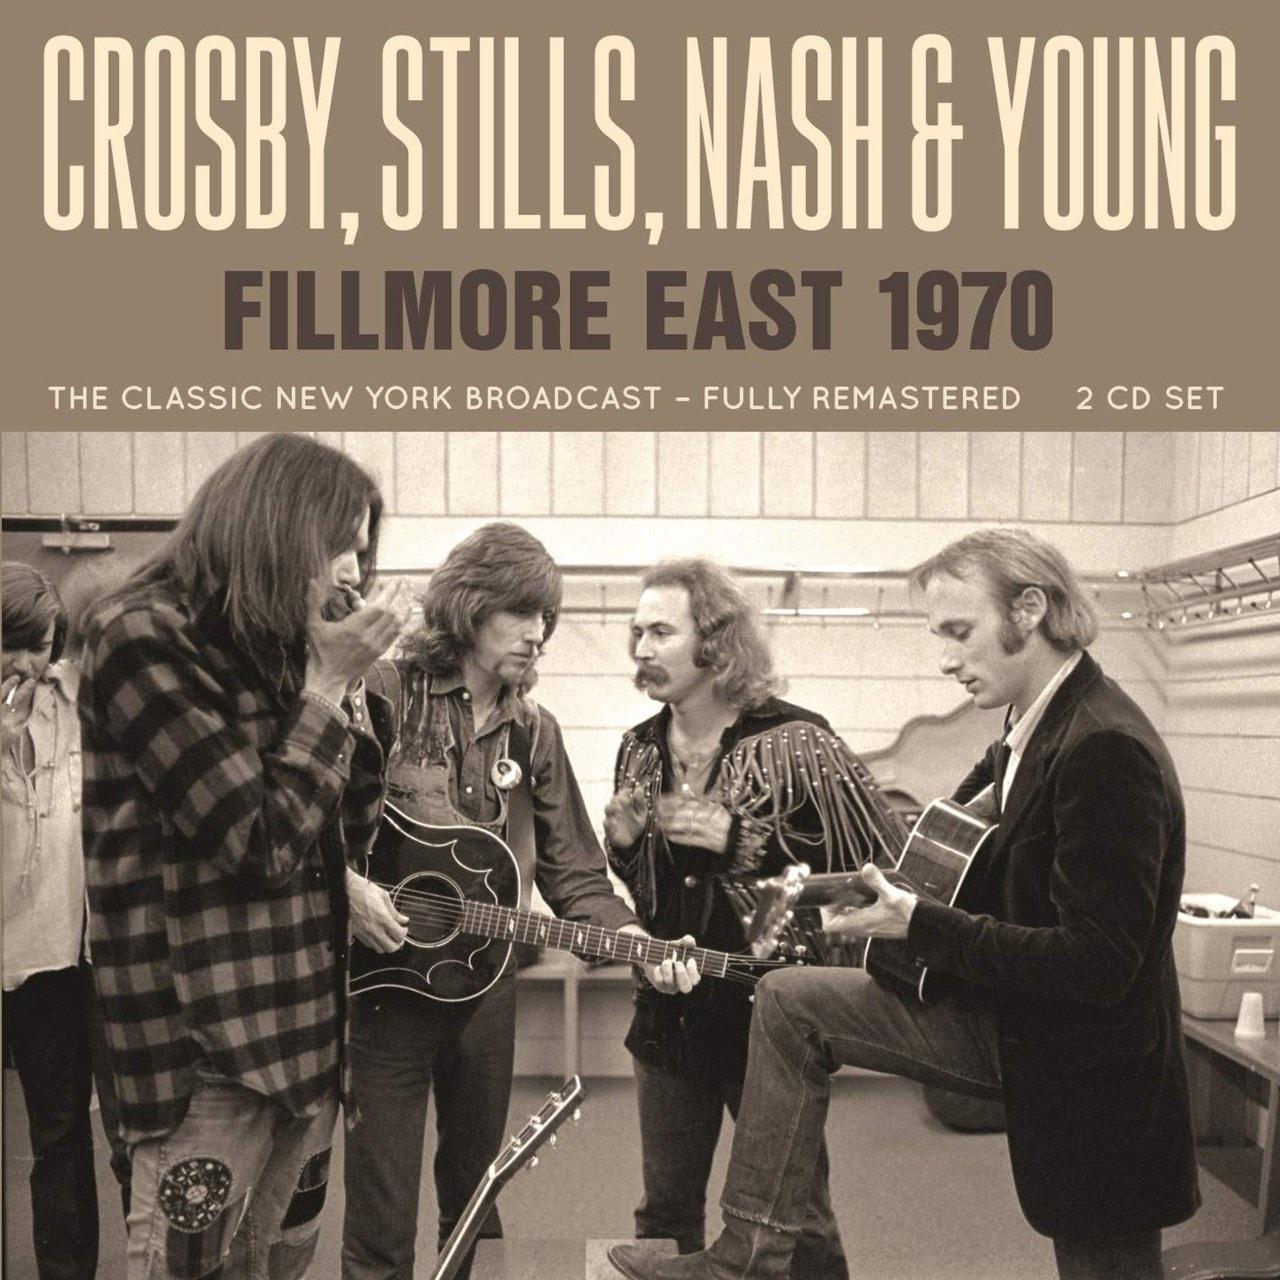 Fillmore East 1970 - 1